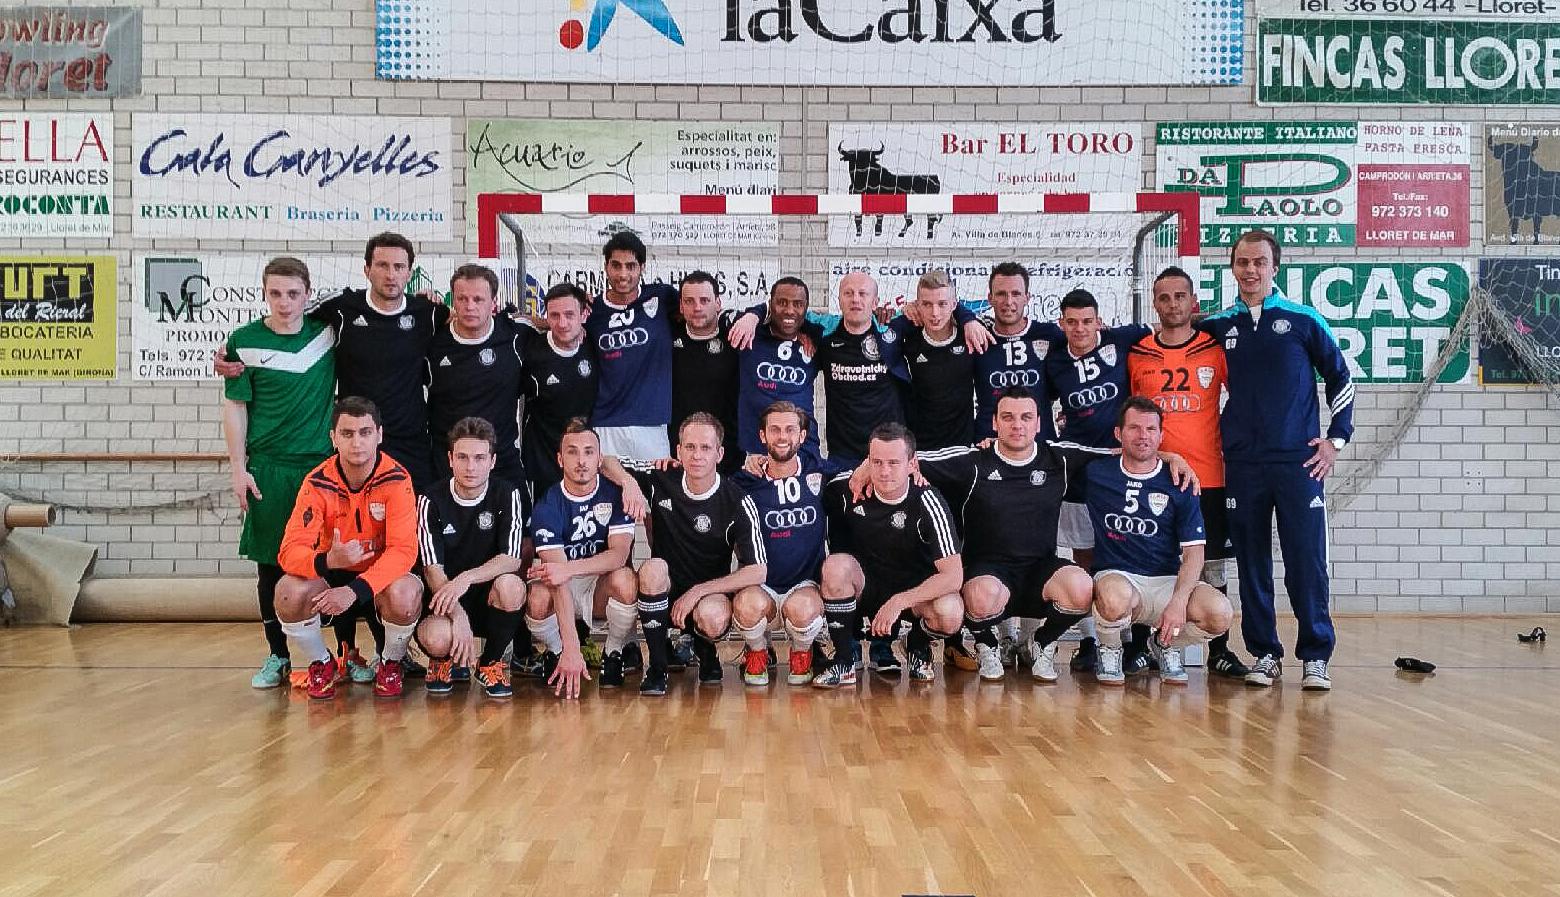 flash-futsal-uefs-futsal-cup-2016